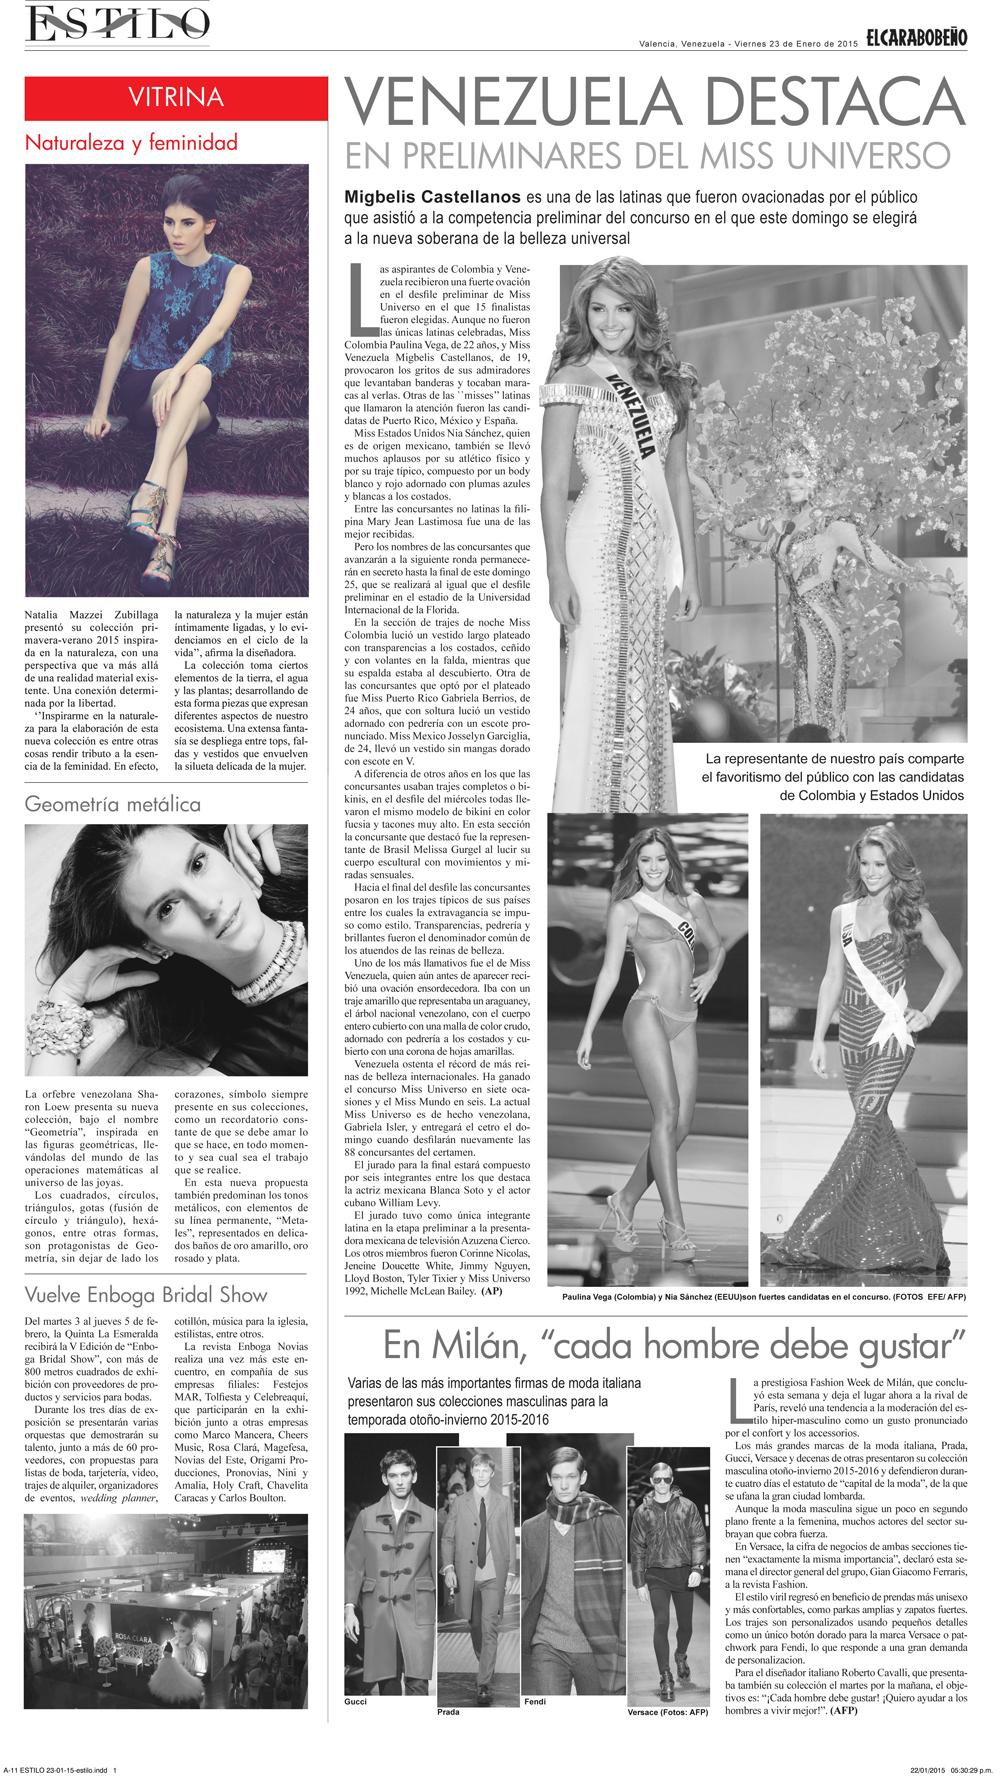 Diario EL CARABOBEÑO - Enero 2015